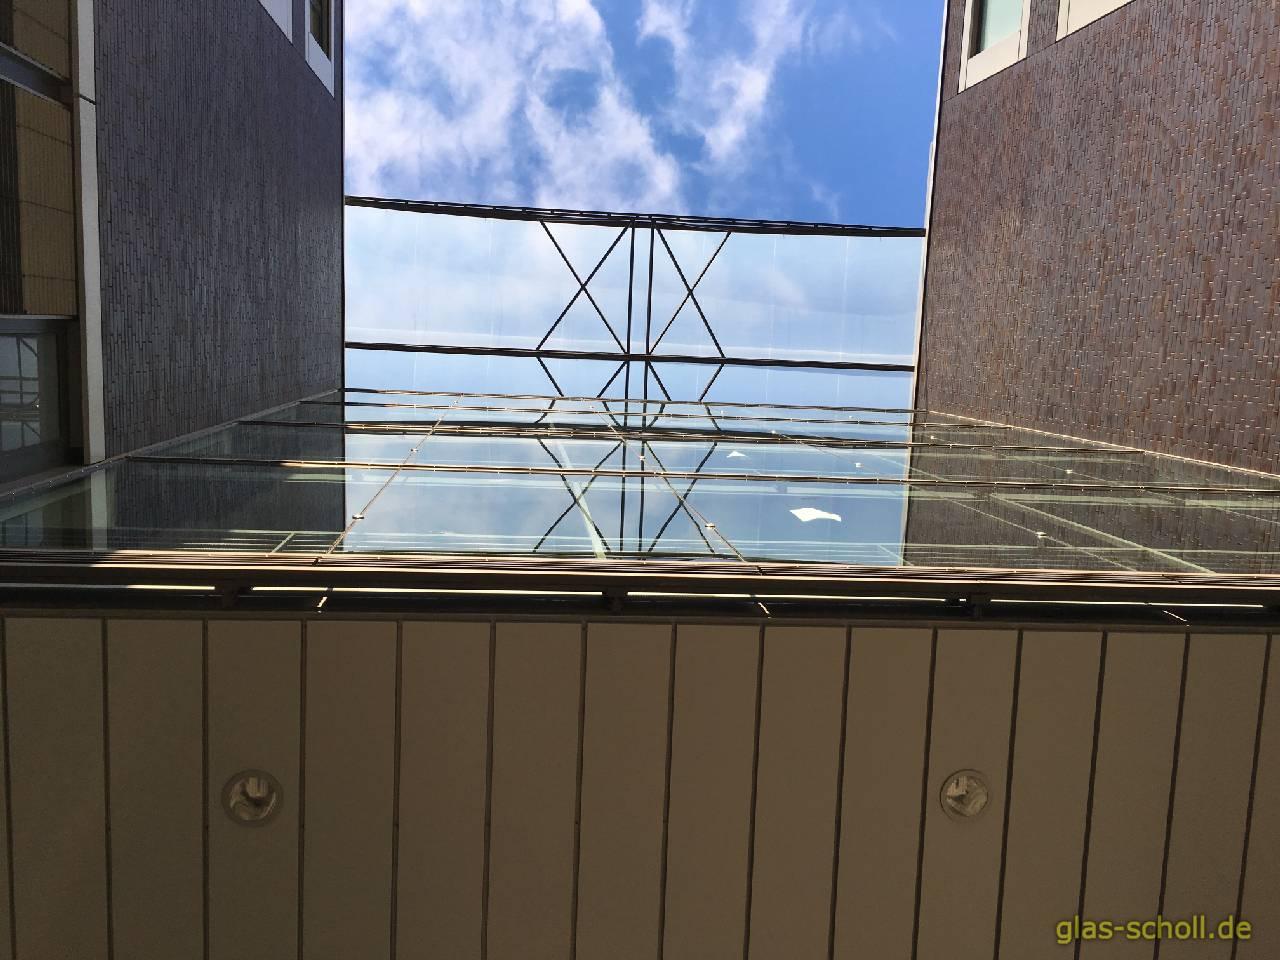 glas fassaden reparatur mit dem kran glas scholl duisburg duisburg m lheim oberhausen essen. Black Bedroom Furniture Sets. Home Design Ideas